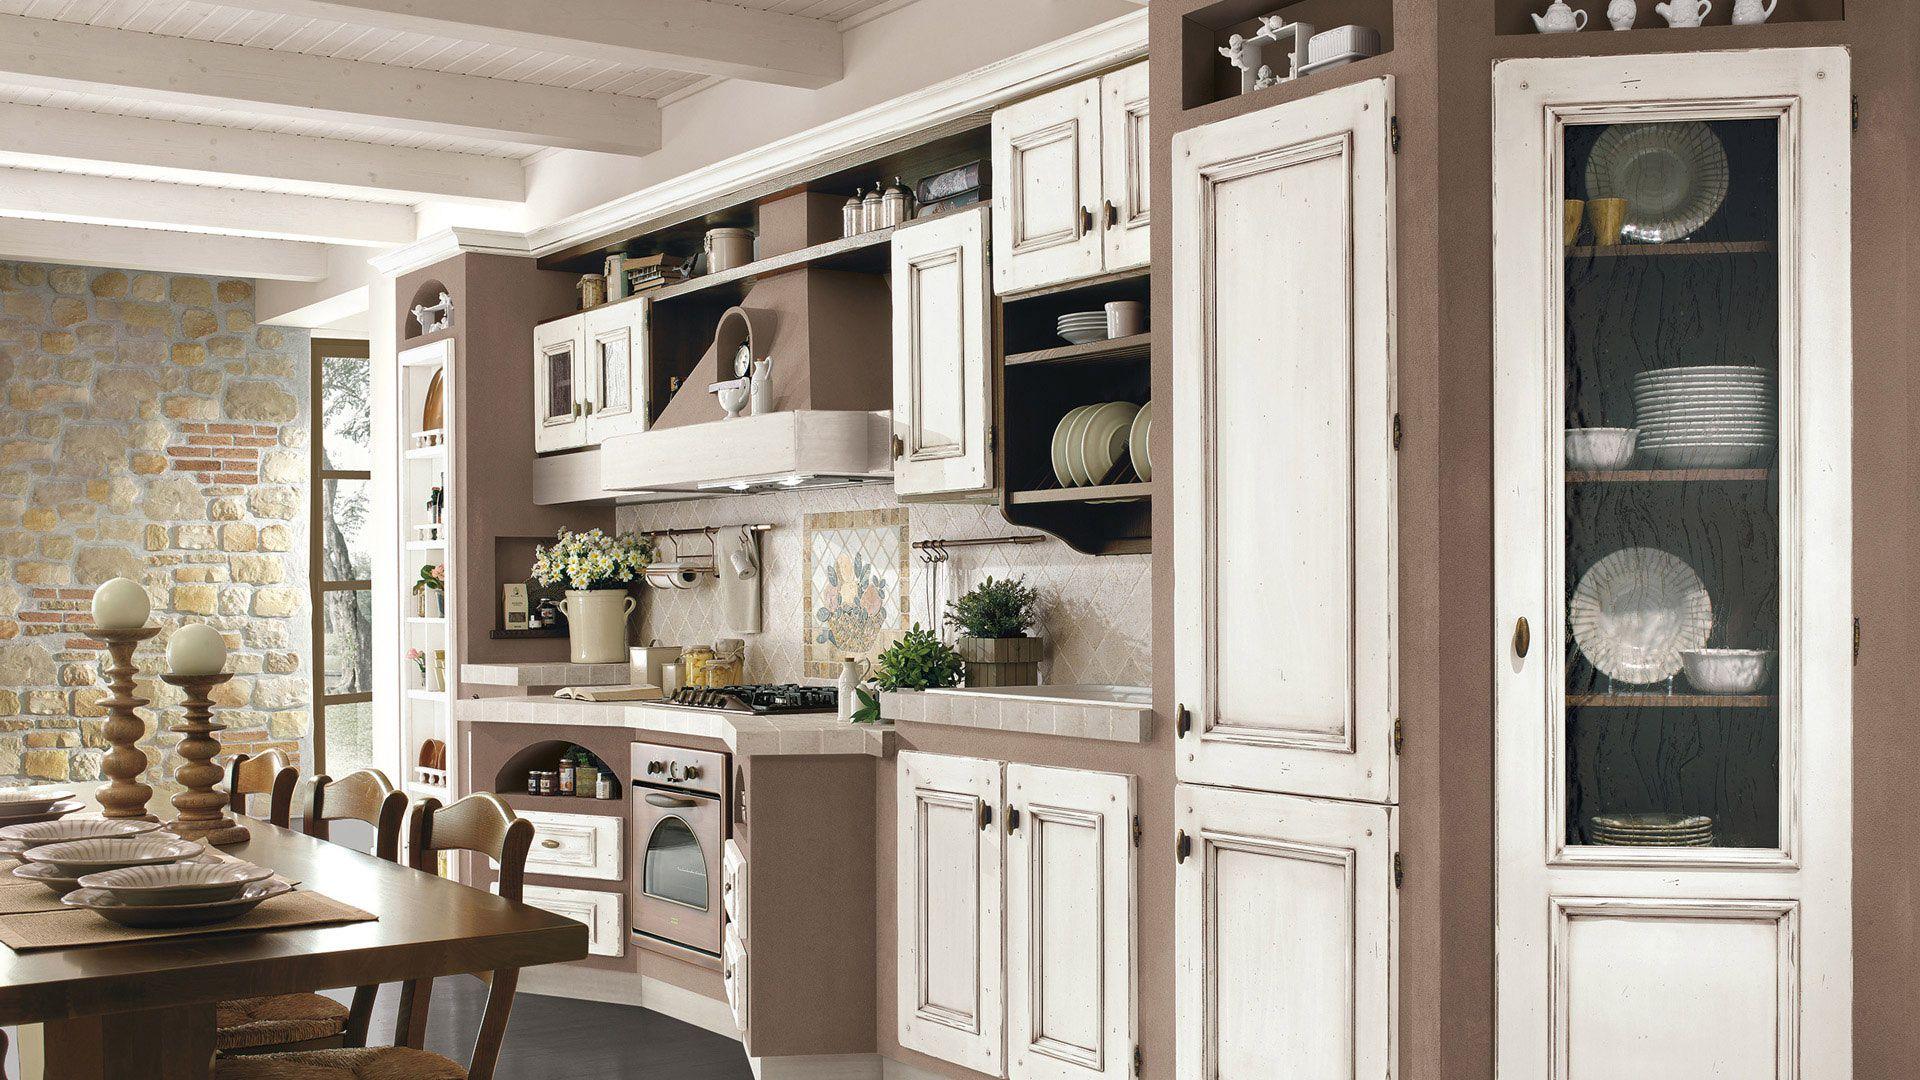 Beatrice - Cucine Borgo Antico - Cucine LUBE   Stile ...